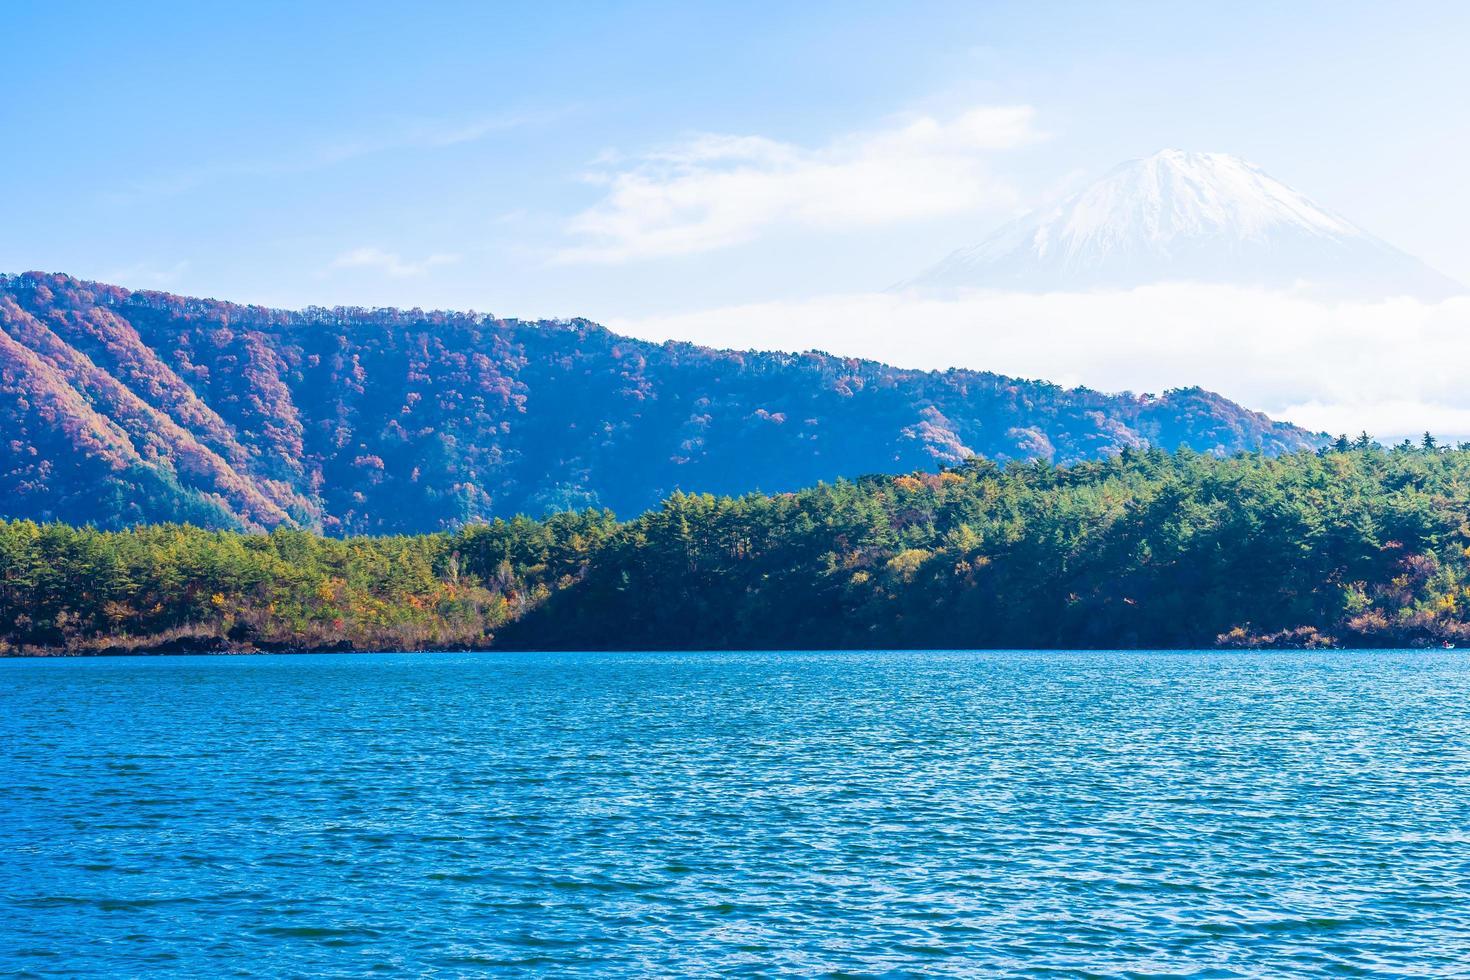 prachtig landschap op mt. fuji, japan foto